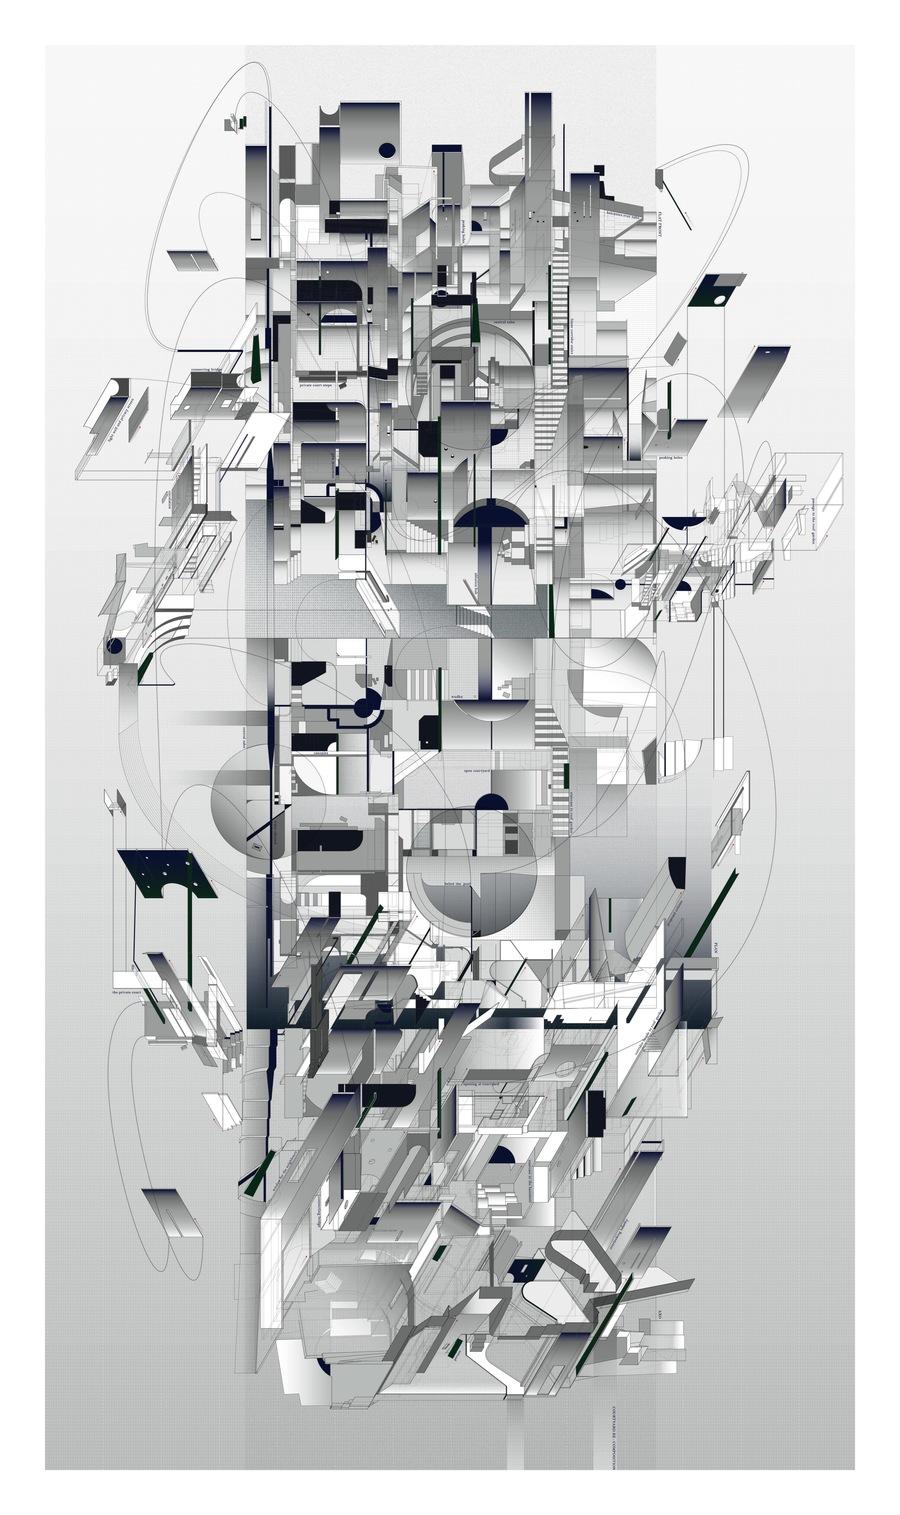 Y5_SarishYounis_Design PortfolioA 61 copy